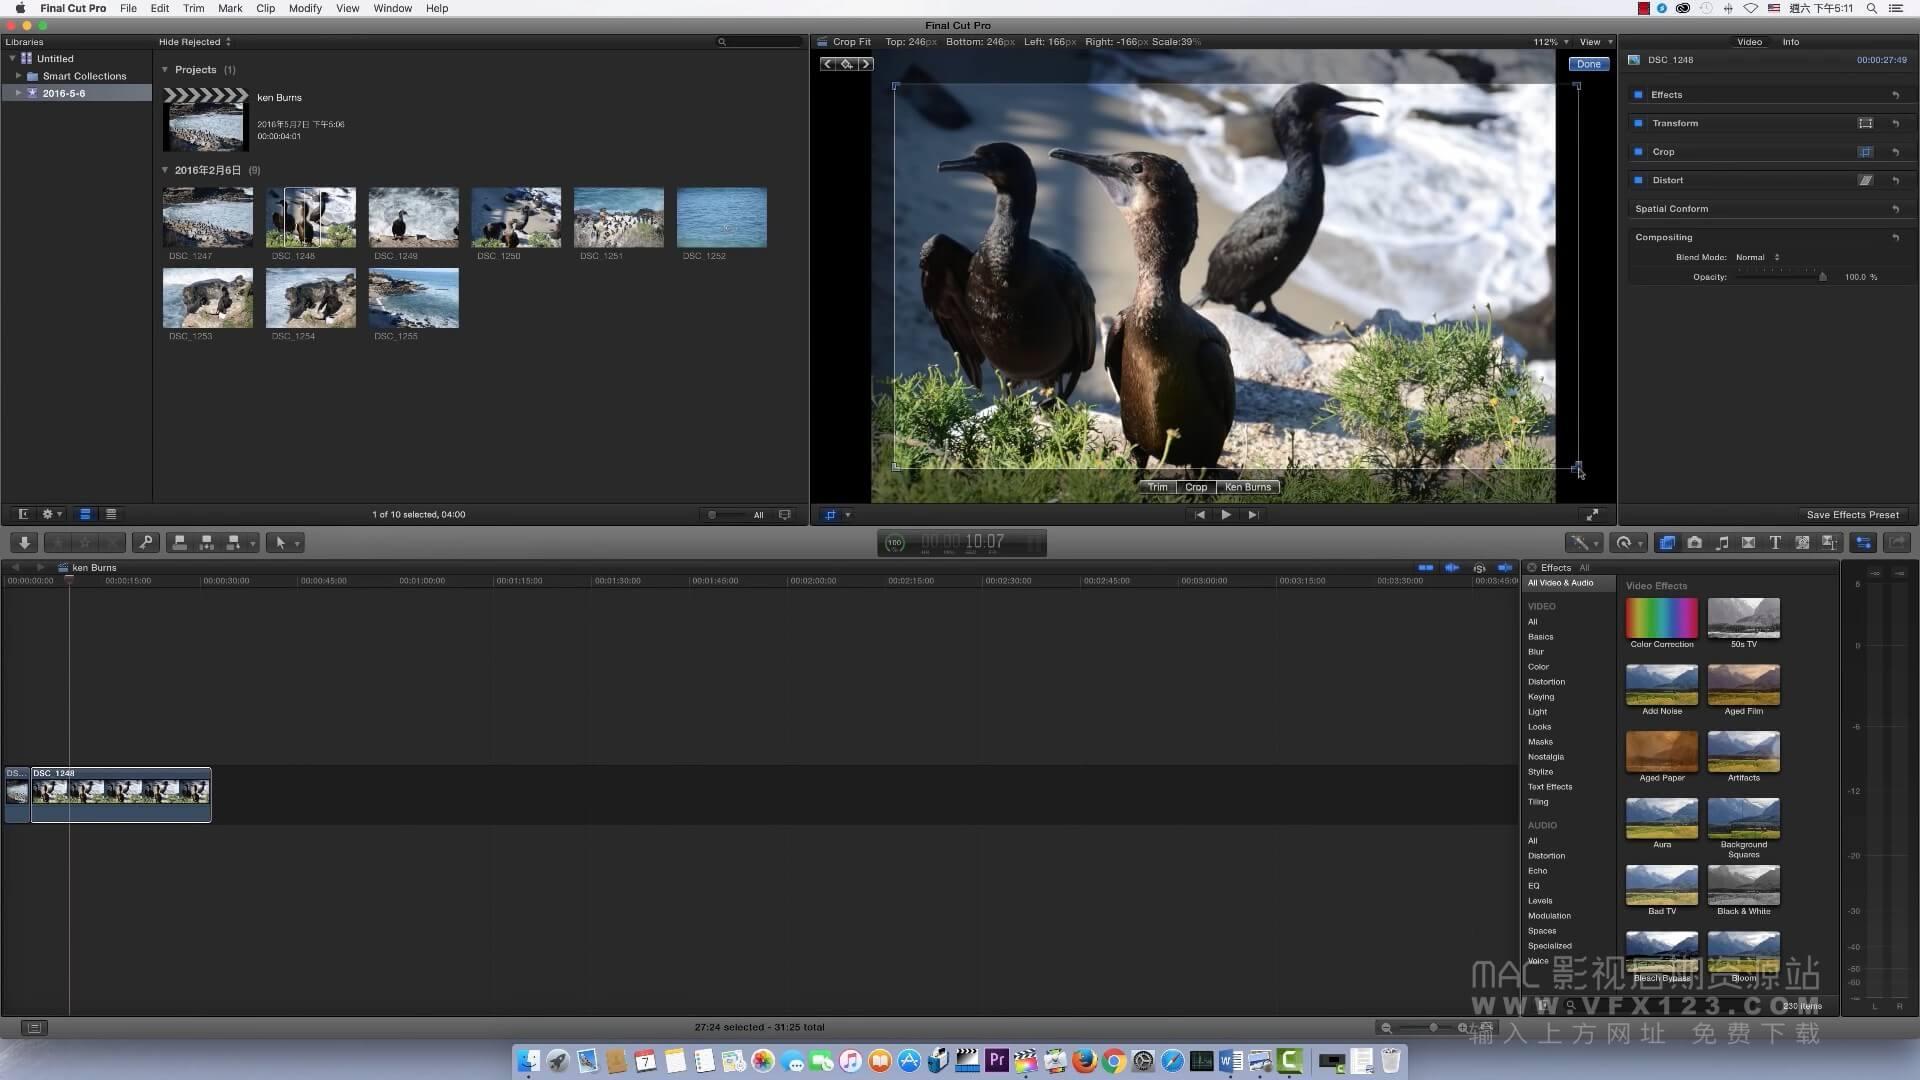 第12课: 如何使用Final Cut Pro X的ken Burns实现照片的动态效果 ?